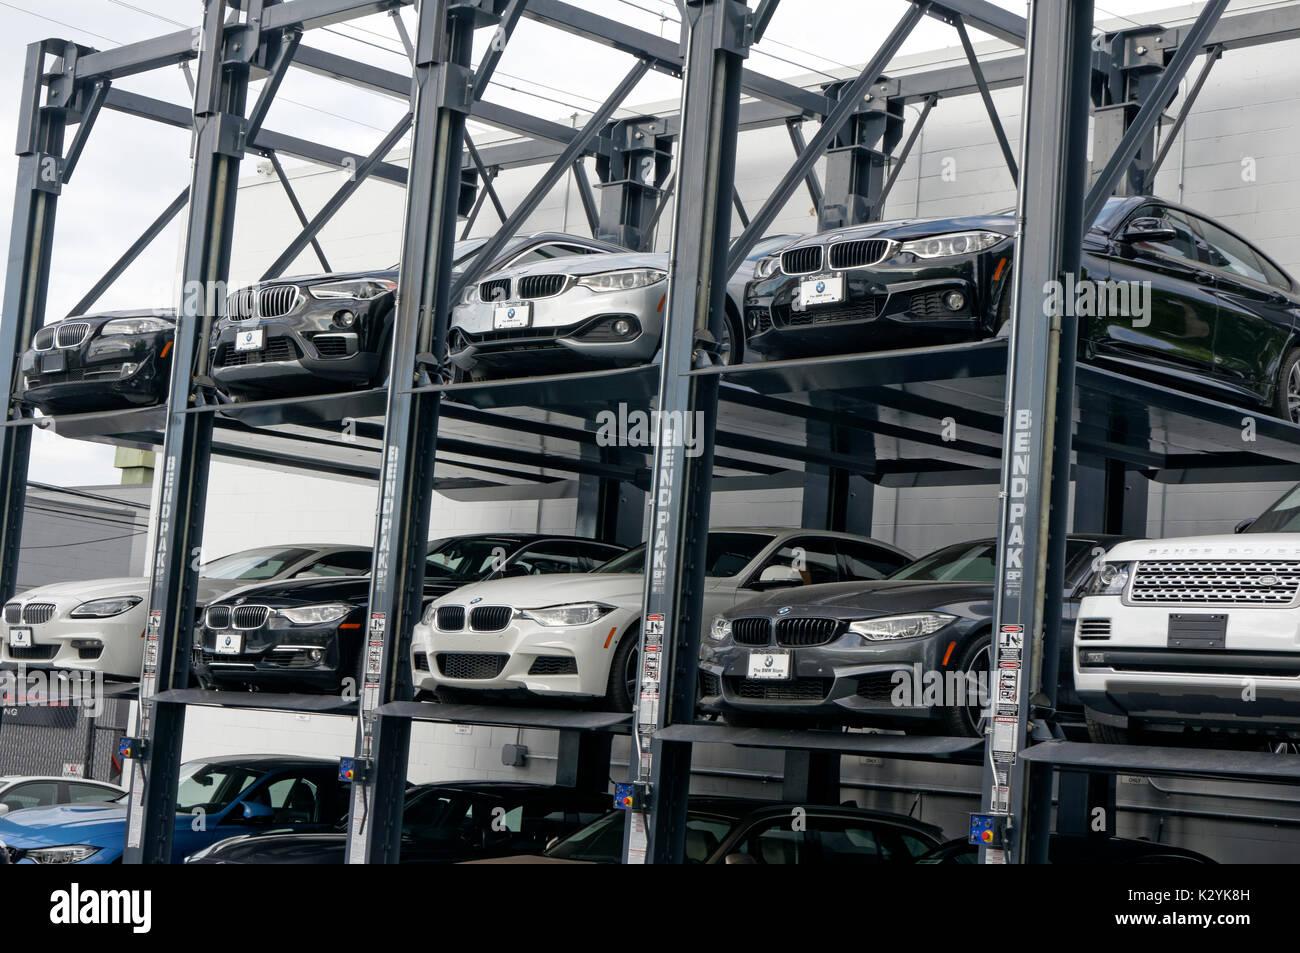 Nuevo lujo automóviles estacionados en un rack de los ascensores de varios niveles en la tienda de BMW concesionario en Vancouver, BC, Canadá Imagen De Stock